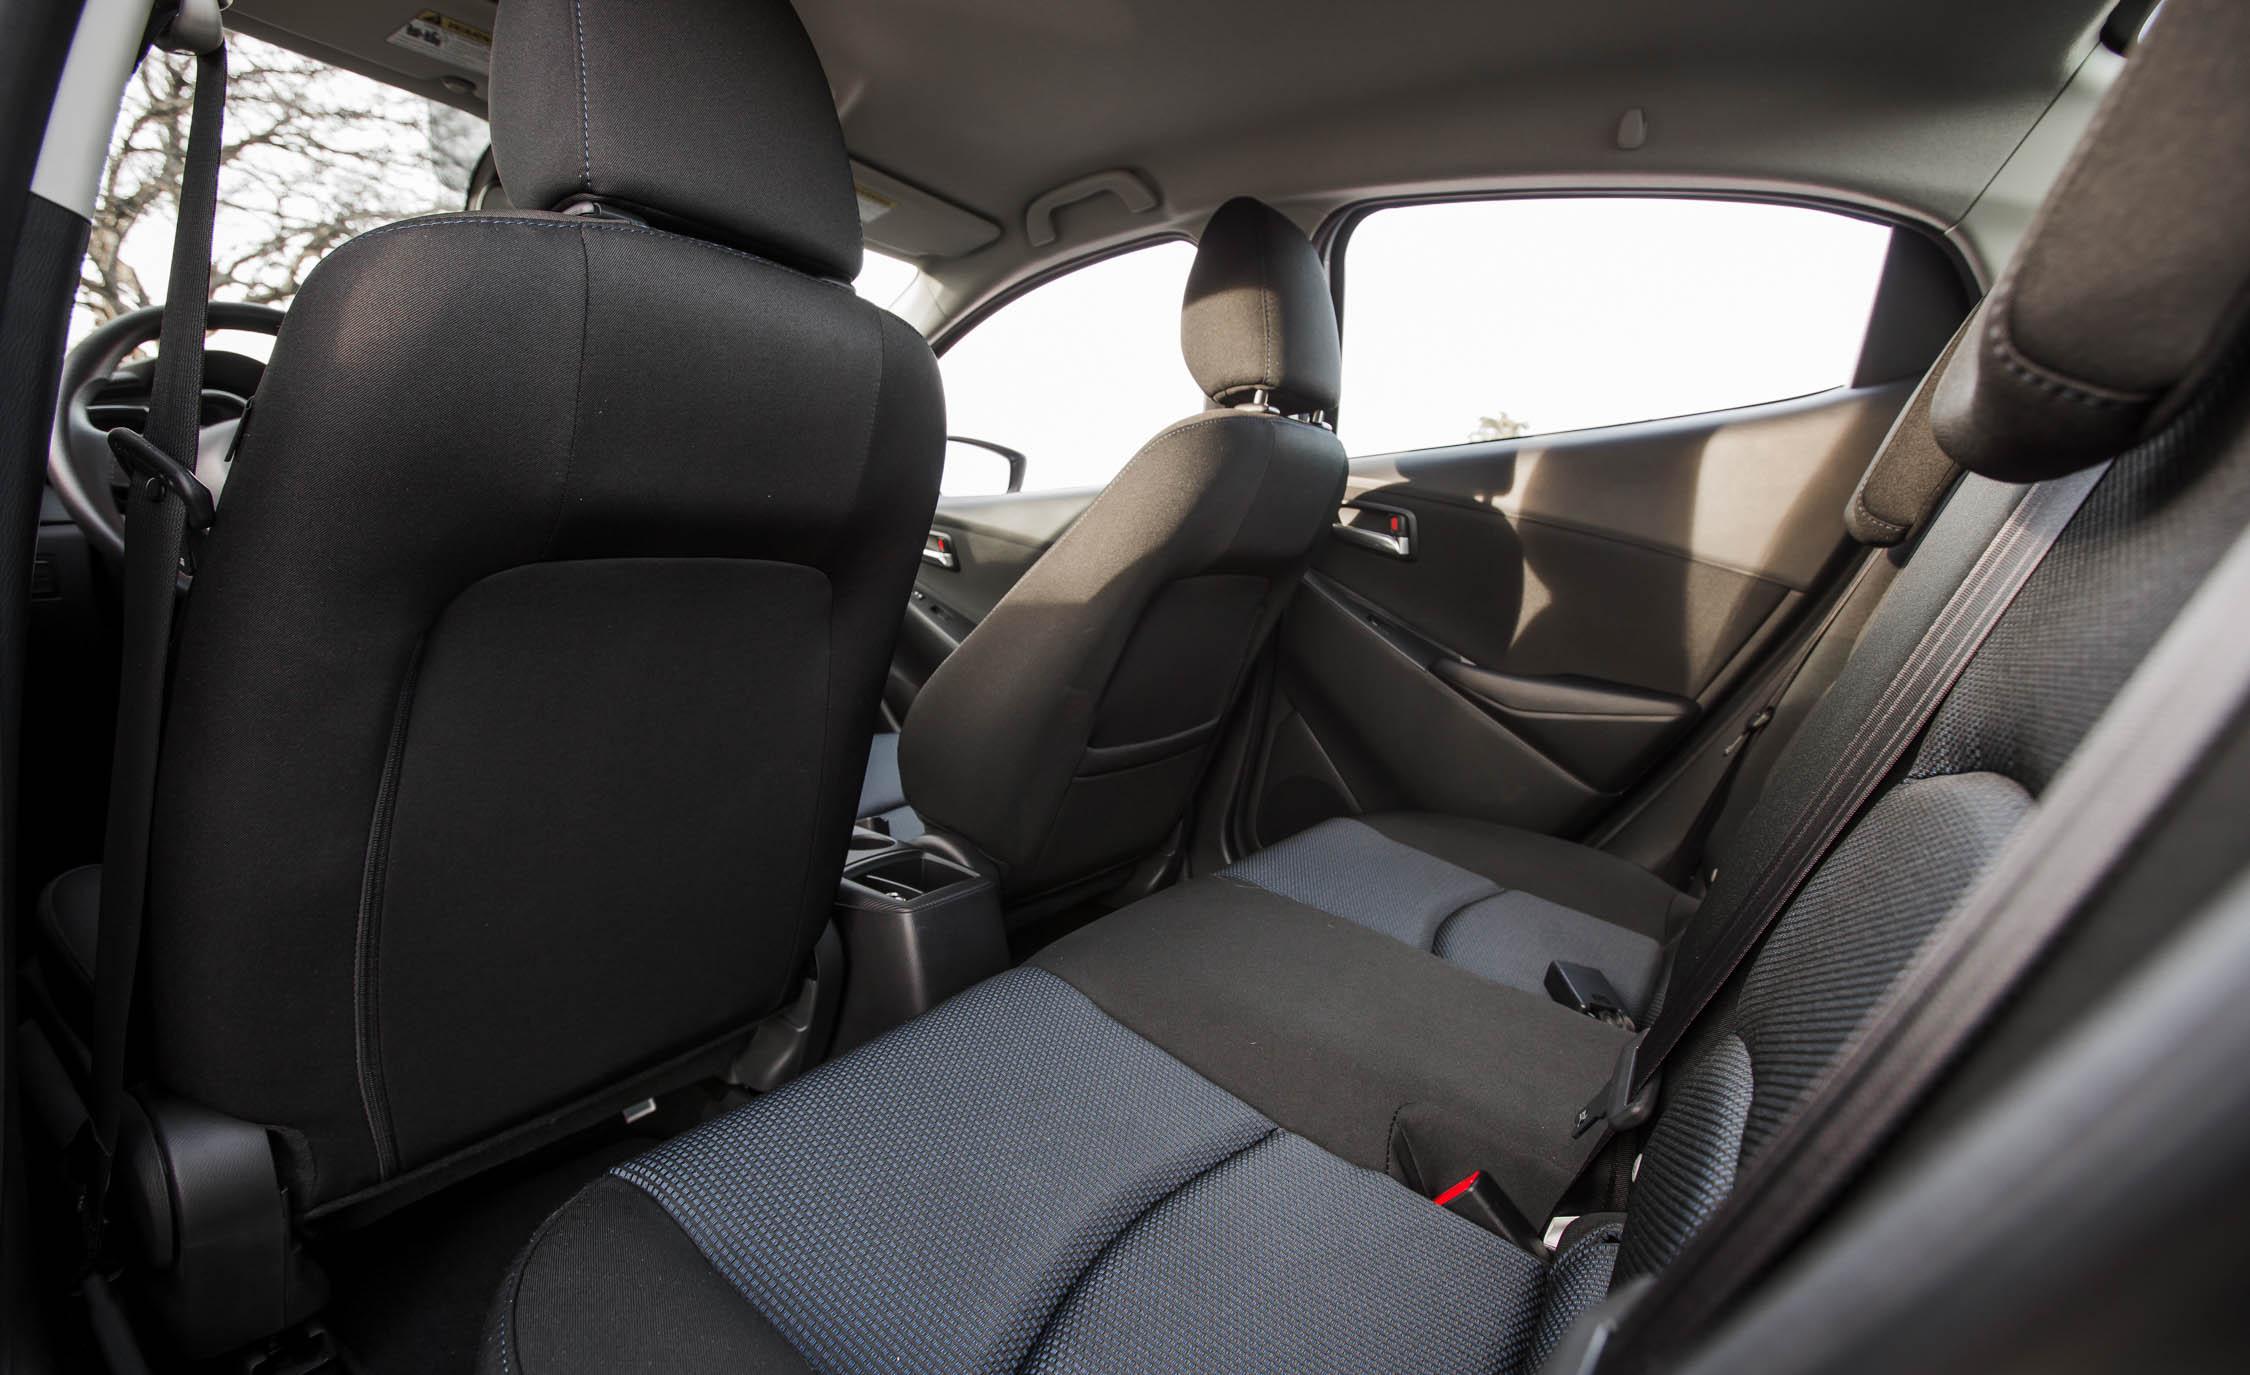 2016 Scion iA Interior Rear